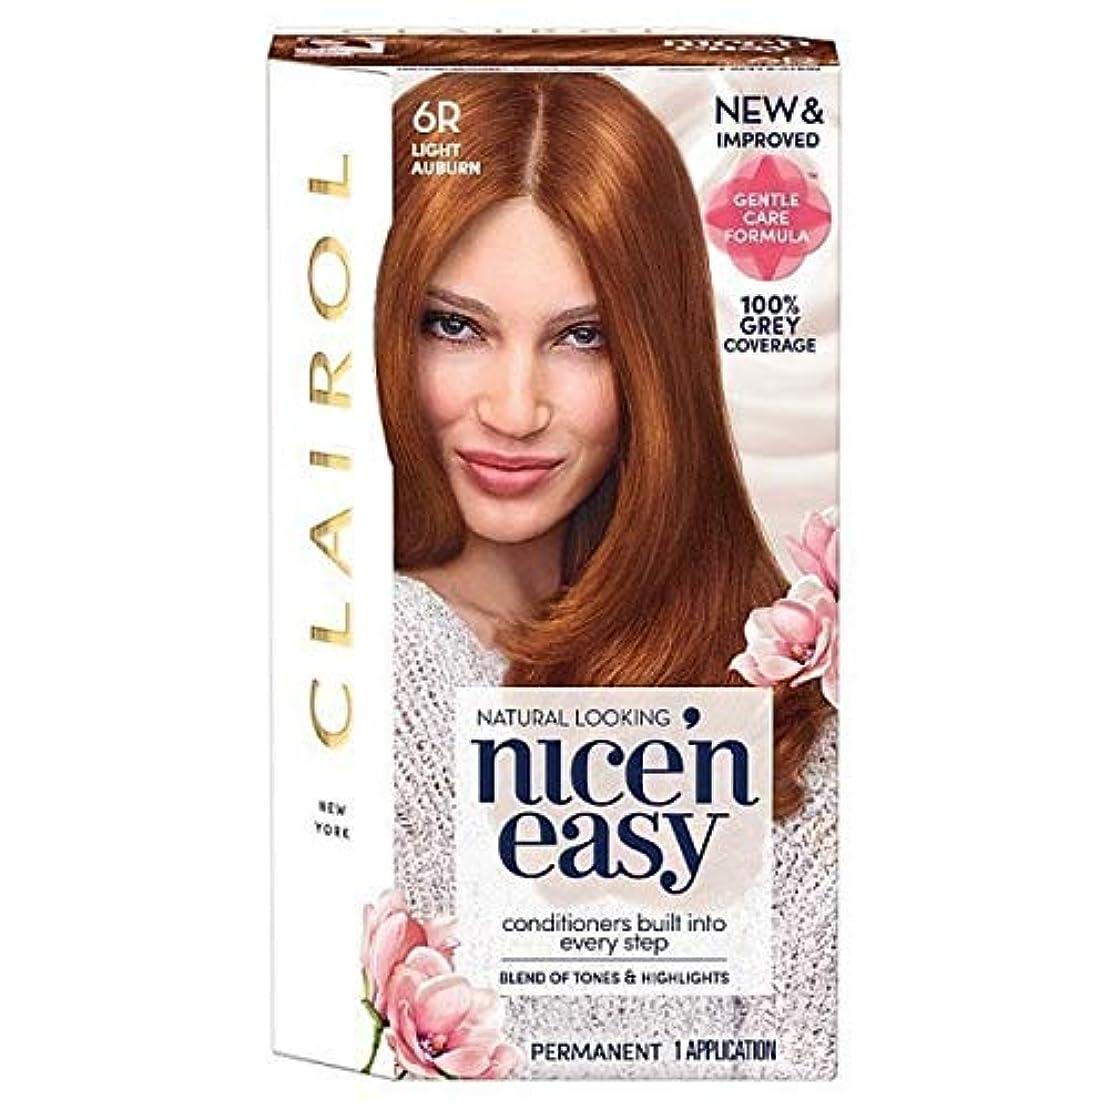 汚い窒息させるピグマリオン[Nice'n Easy] Nice'N簡単6R光オーバーン - Nice'n Easy 6R Light Auburn [並行輸入品]